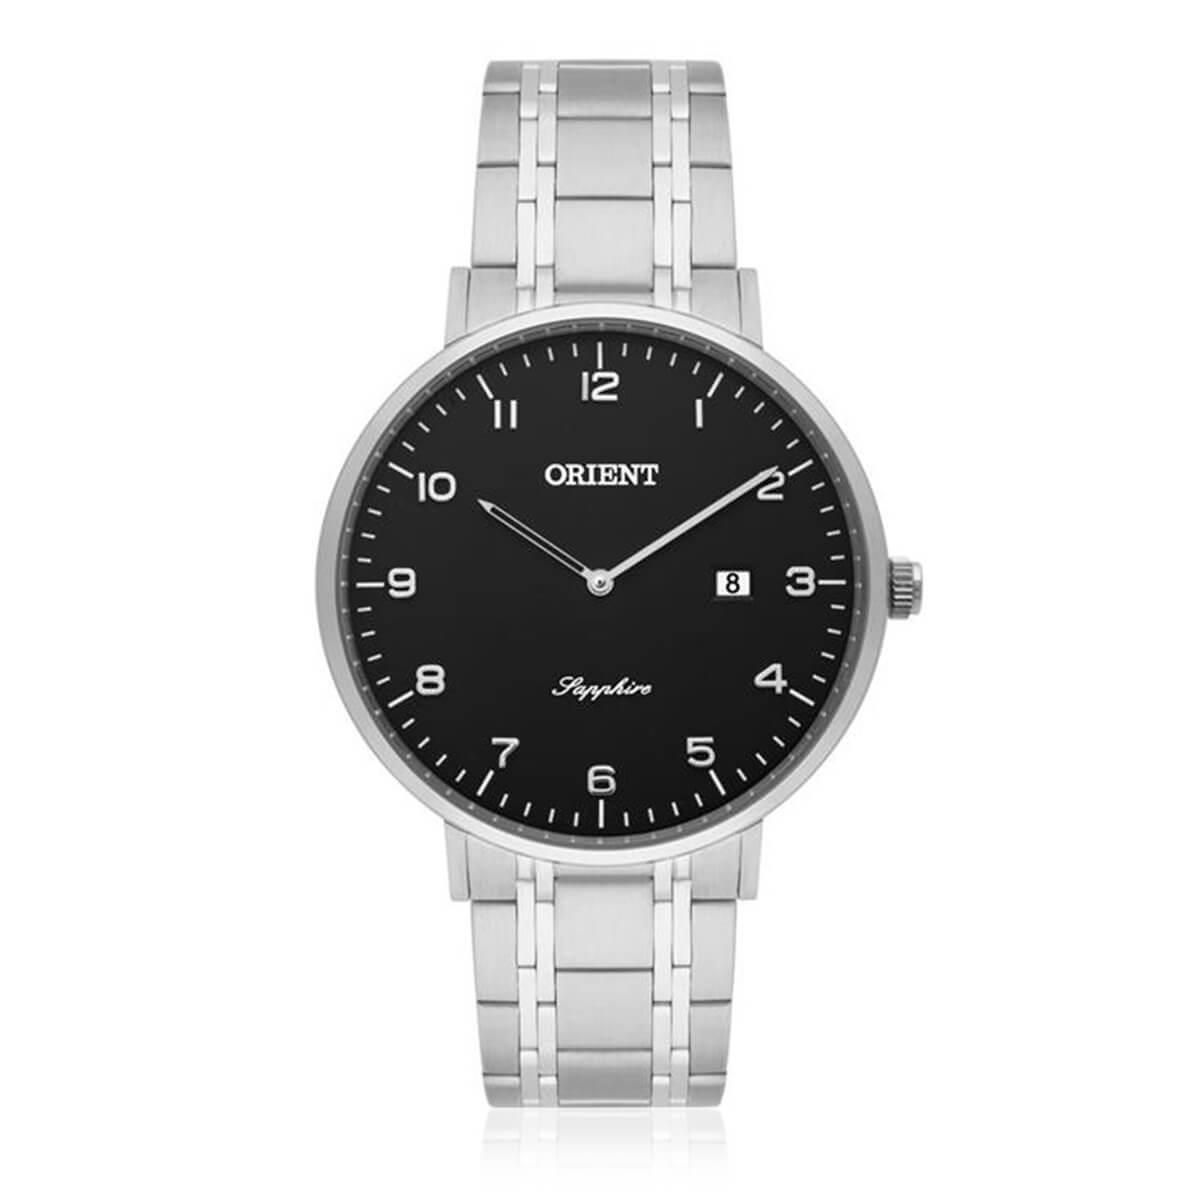 8ec7ef76e0b Relógio Masculino Orient Slim Sapphire MBSSS005 P2SX Fundo Preto Produto  não disponível